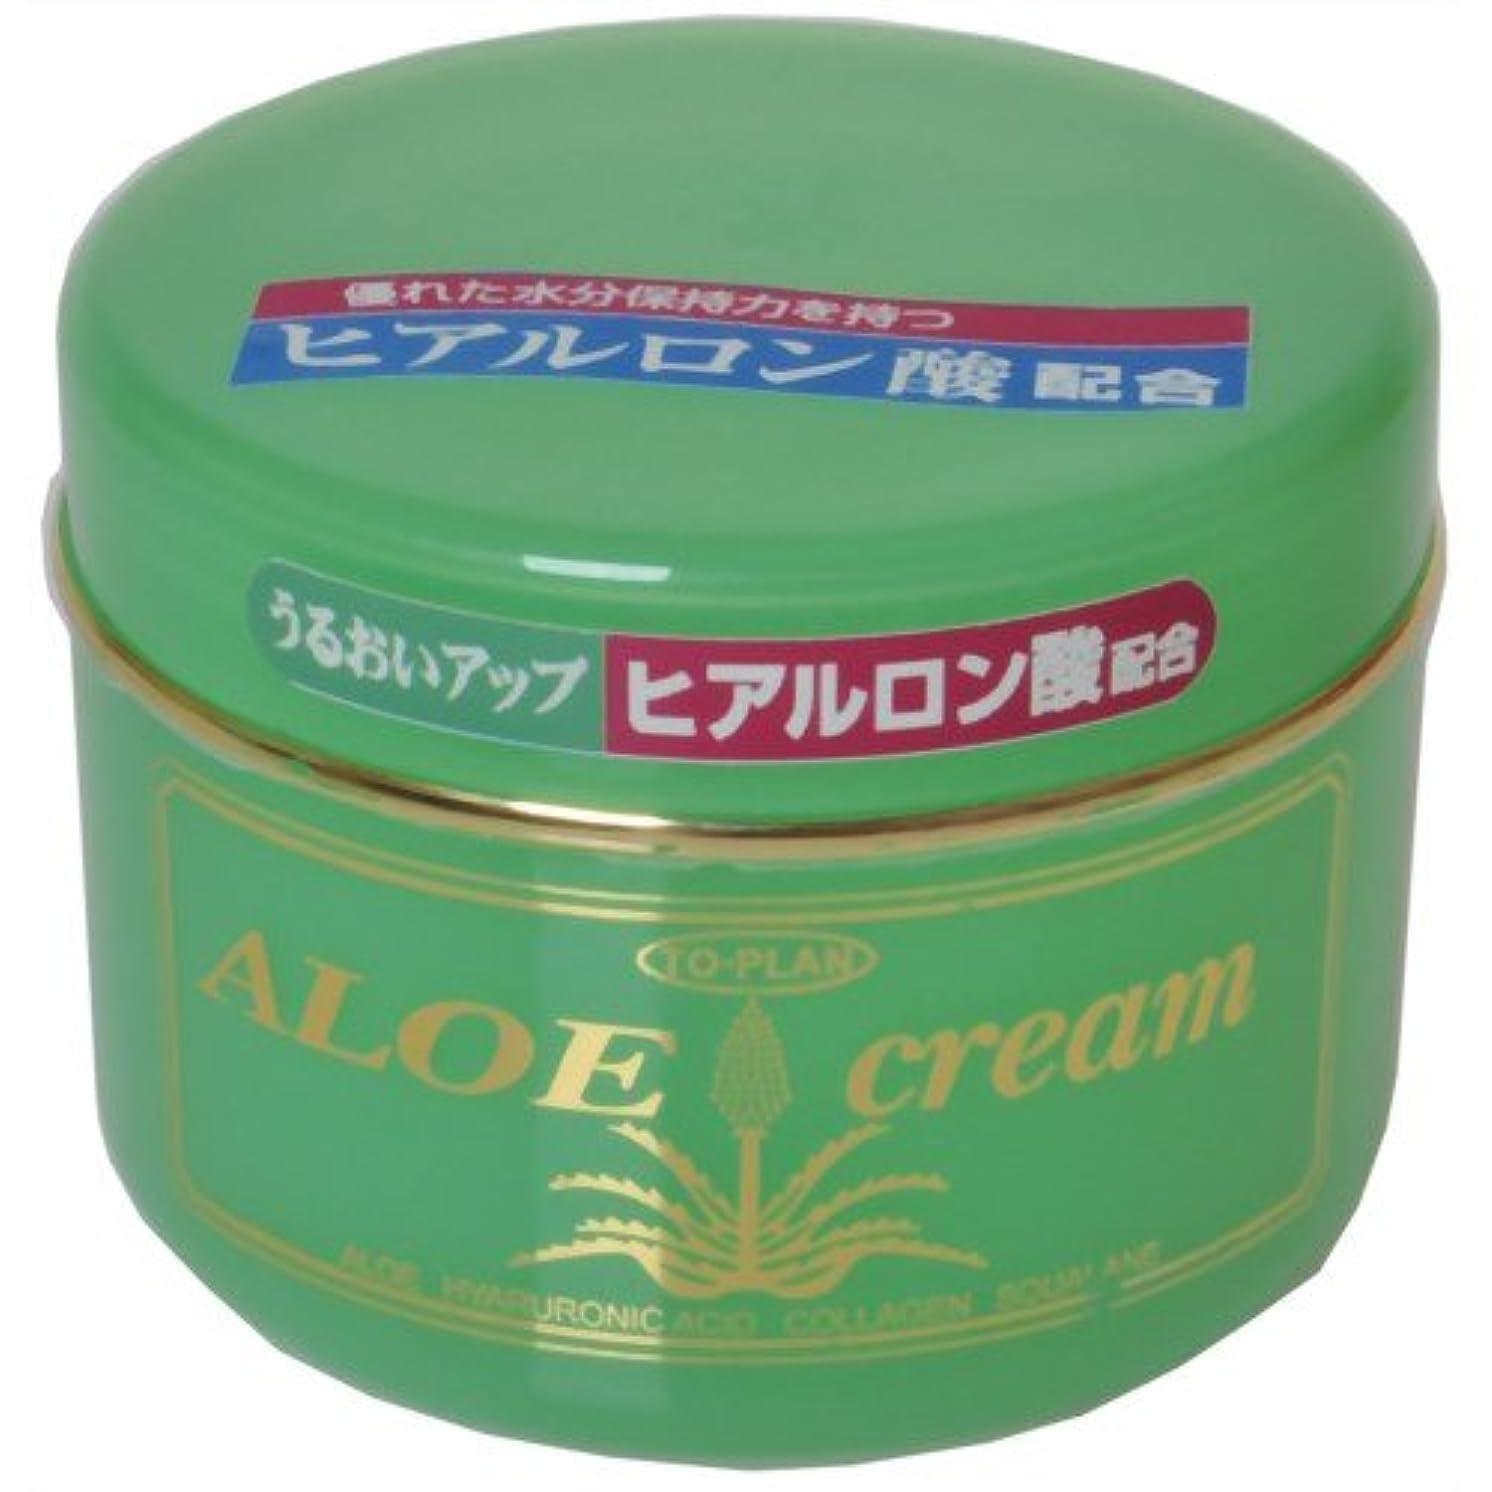 ベーコン細心のボトルTO-PLAN(トプラン) ヒアルロン酸?アロエエキス?スクワラン配合アロエクリーム170g